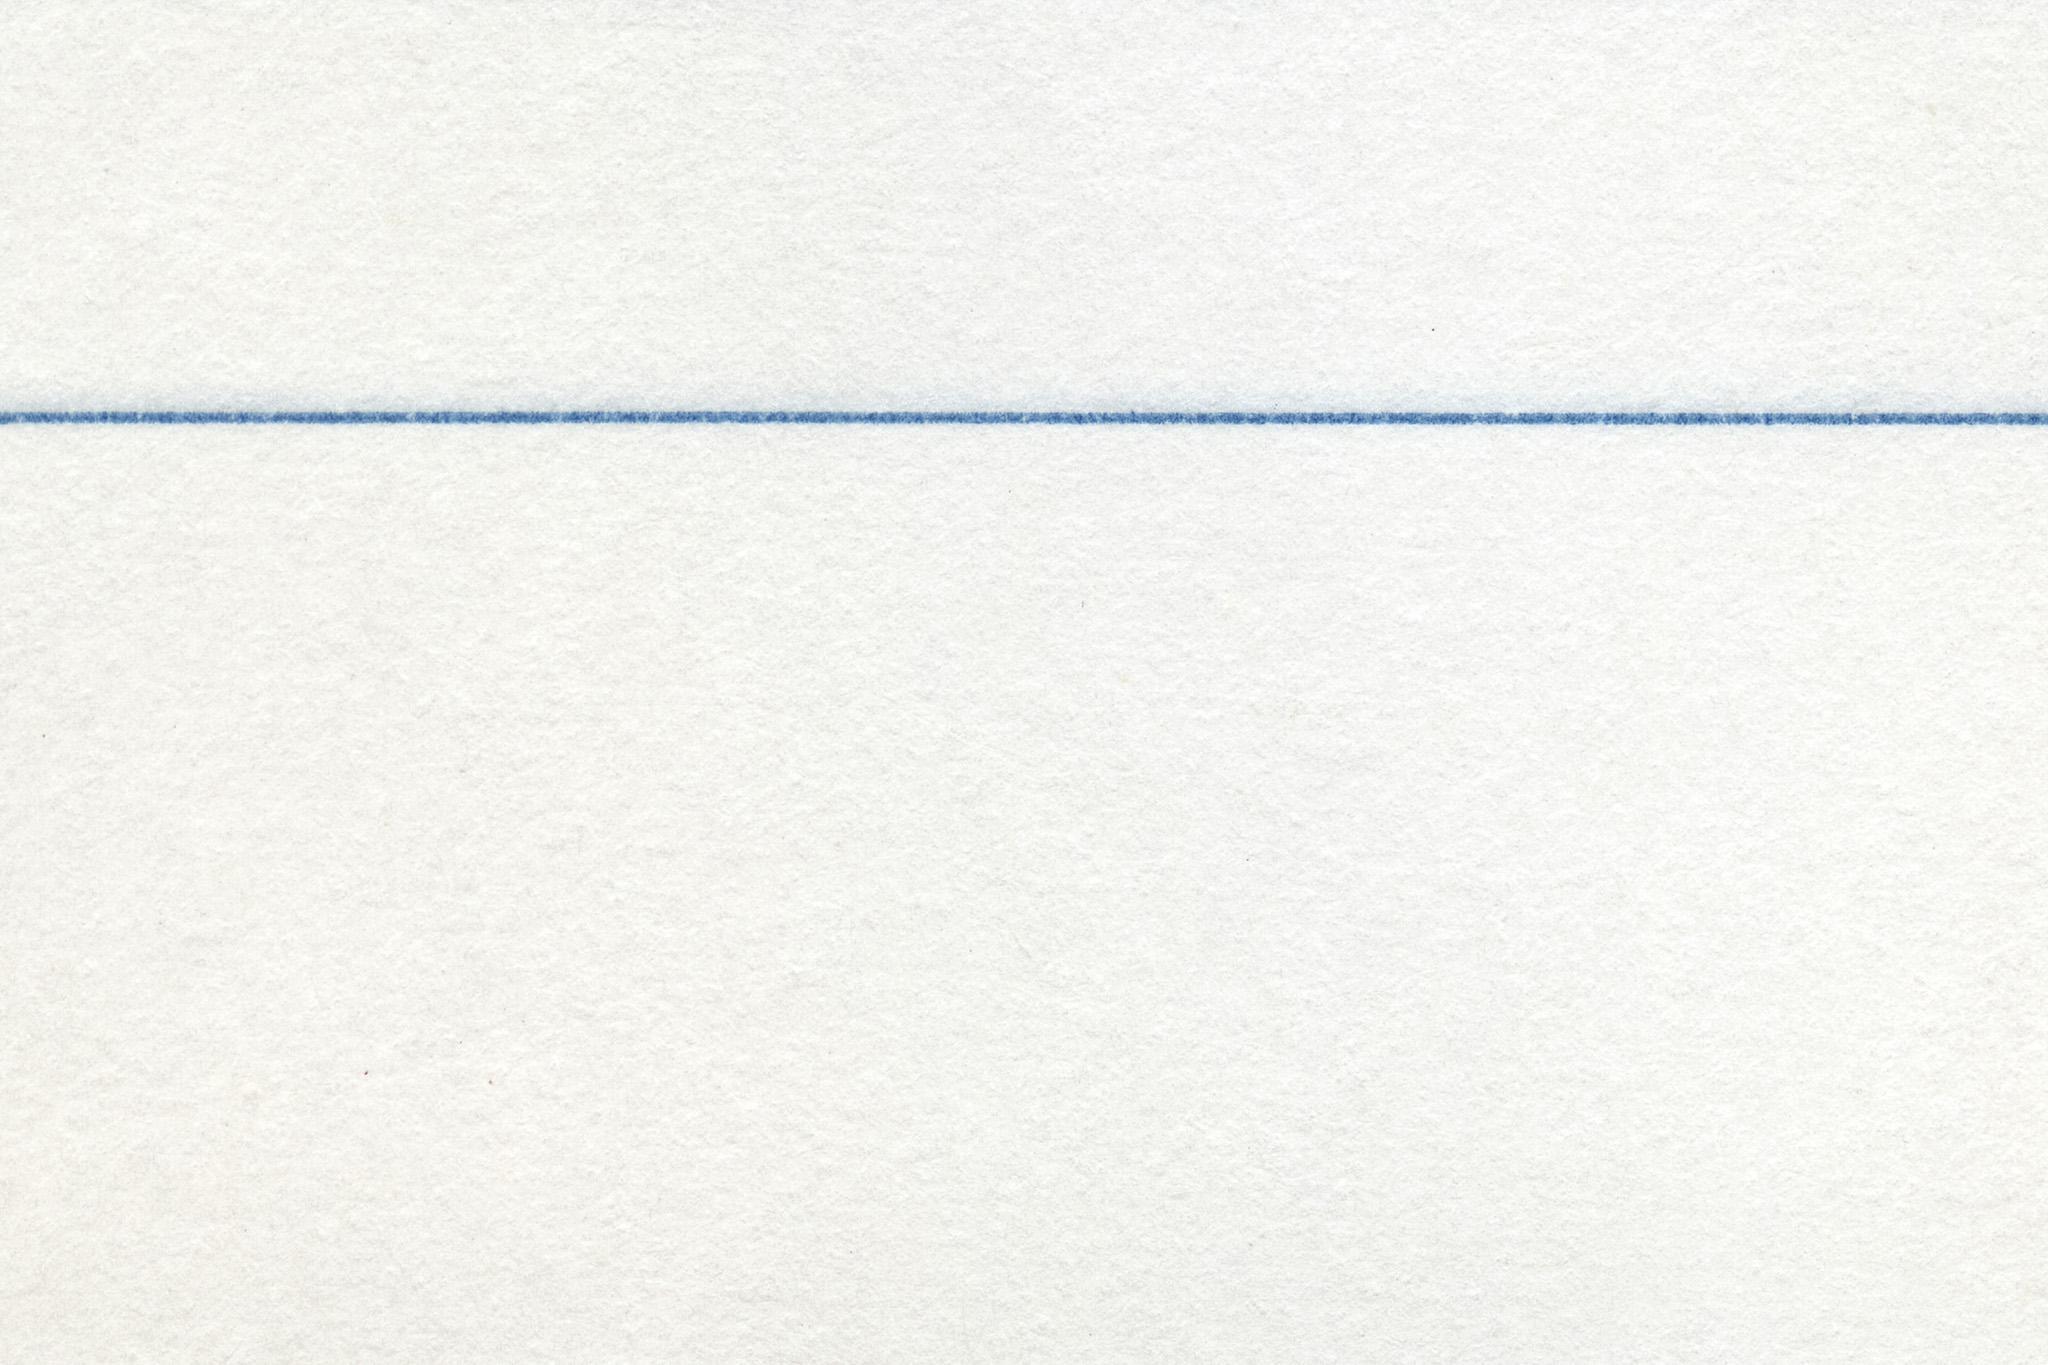 「青い罫線のある紙のノート」